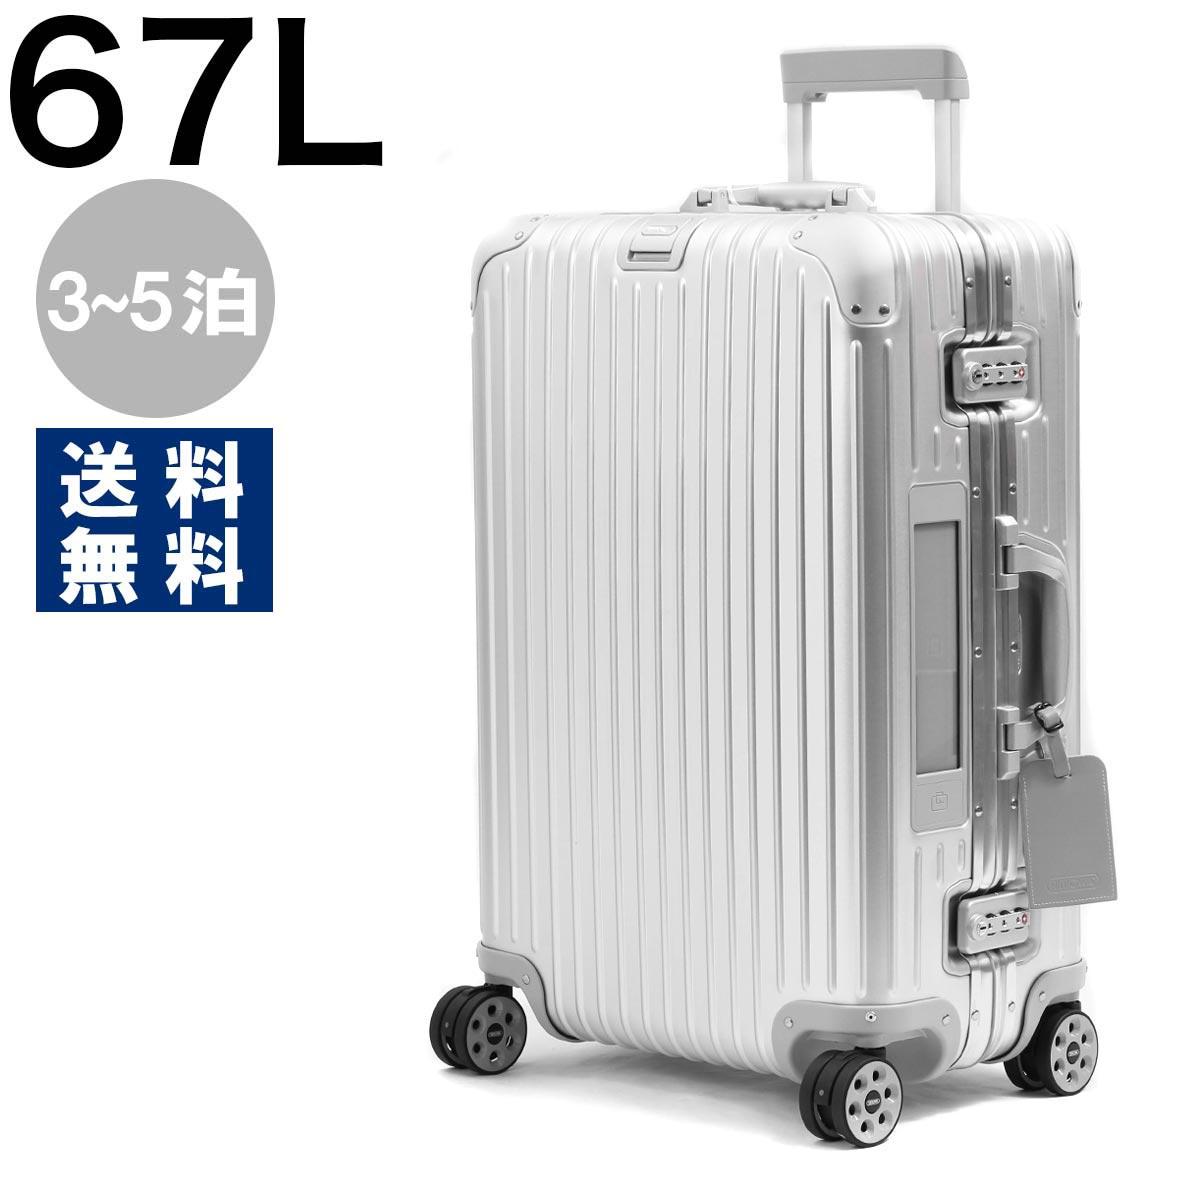 リモワ スーツケース/旅行用バッグ バッグ メンズ レディース トパーズ 67L 3~5泊 ELECTRONIC TAG シルバー 924.63.00.5 RIMOWA